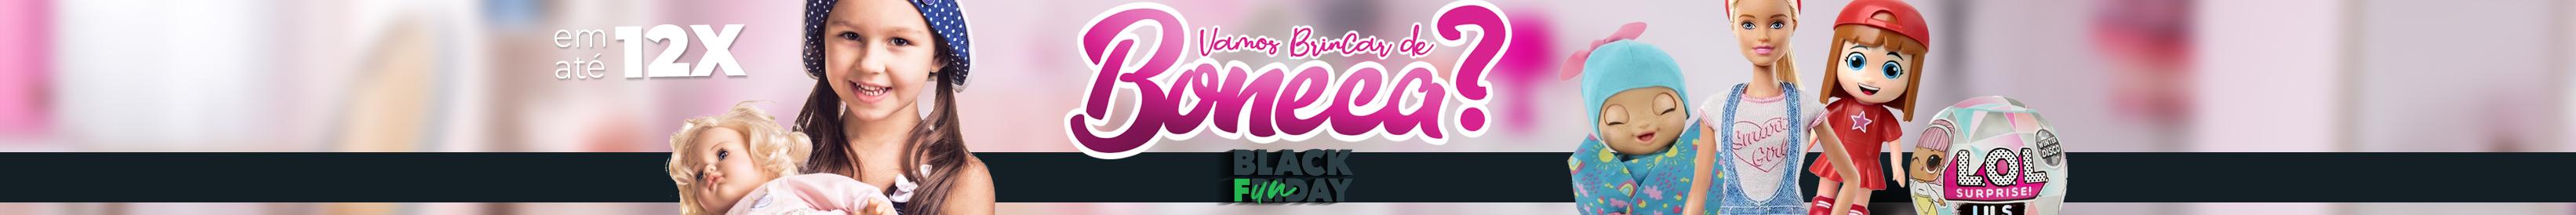 Banner Bonecas Desktop